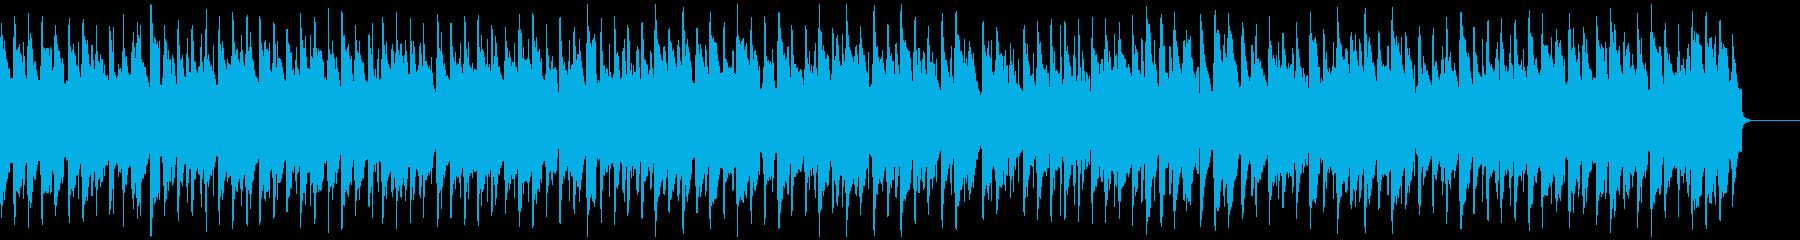 表彰式の定番 ヘンデル リズムとメロ抜きの再生済みの波形